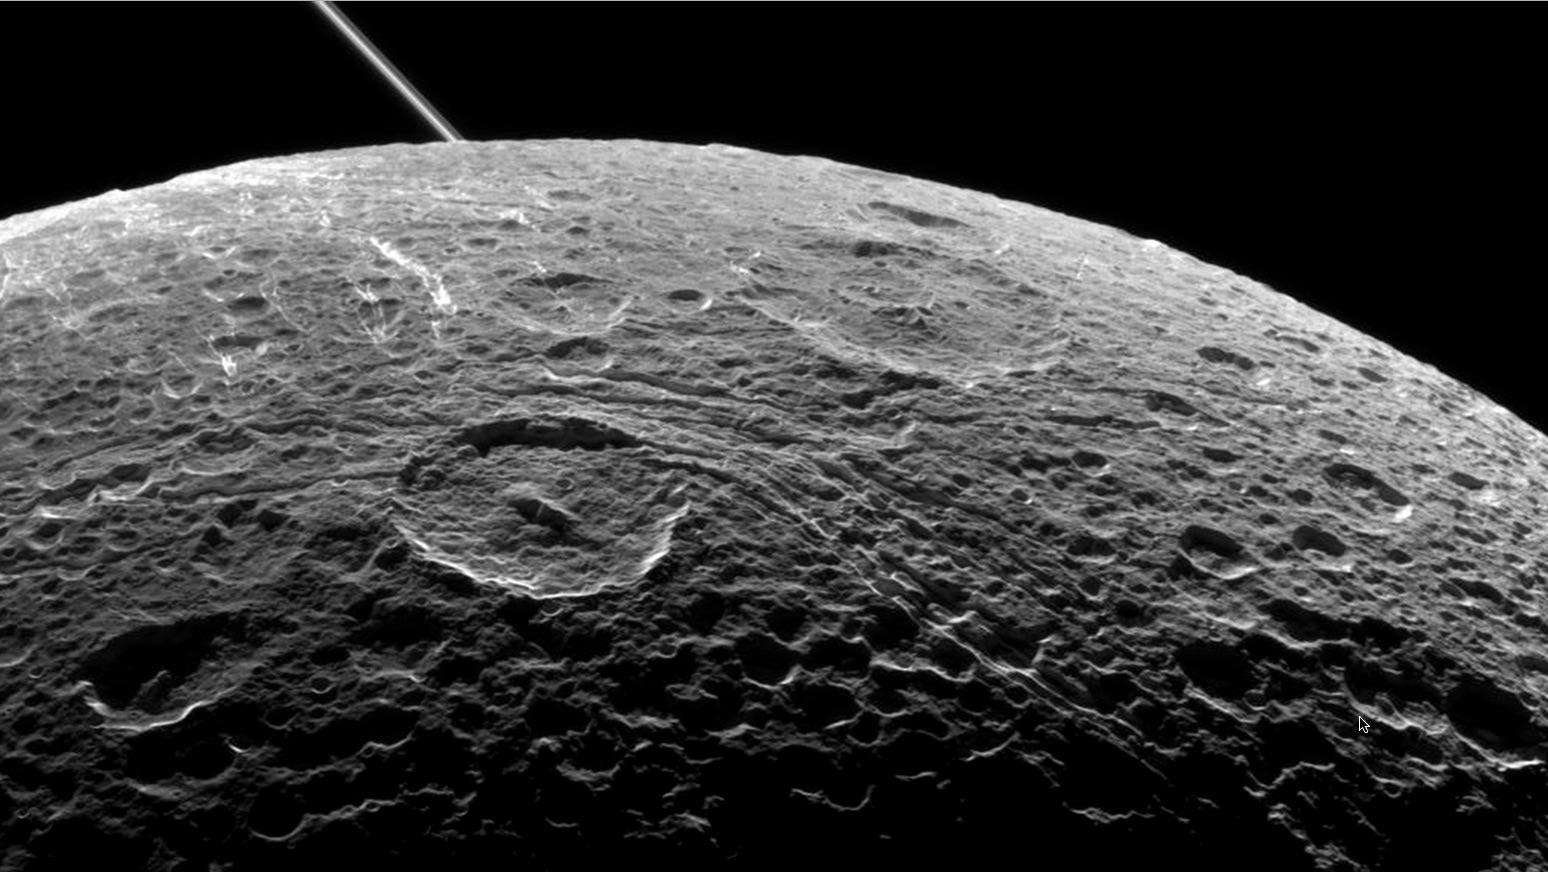 ناسا تصویر بسیار عالی از قمر دیون زحل را منتشر کرد